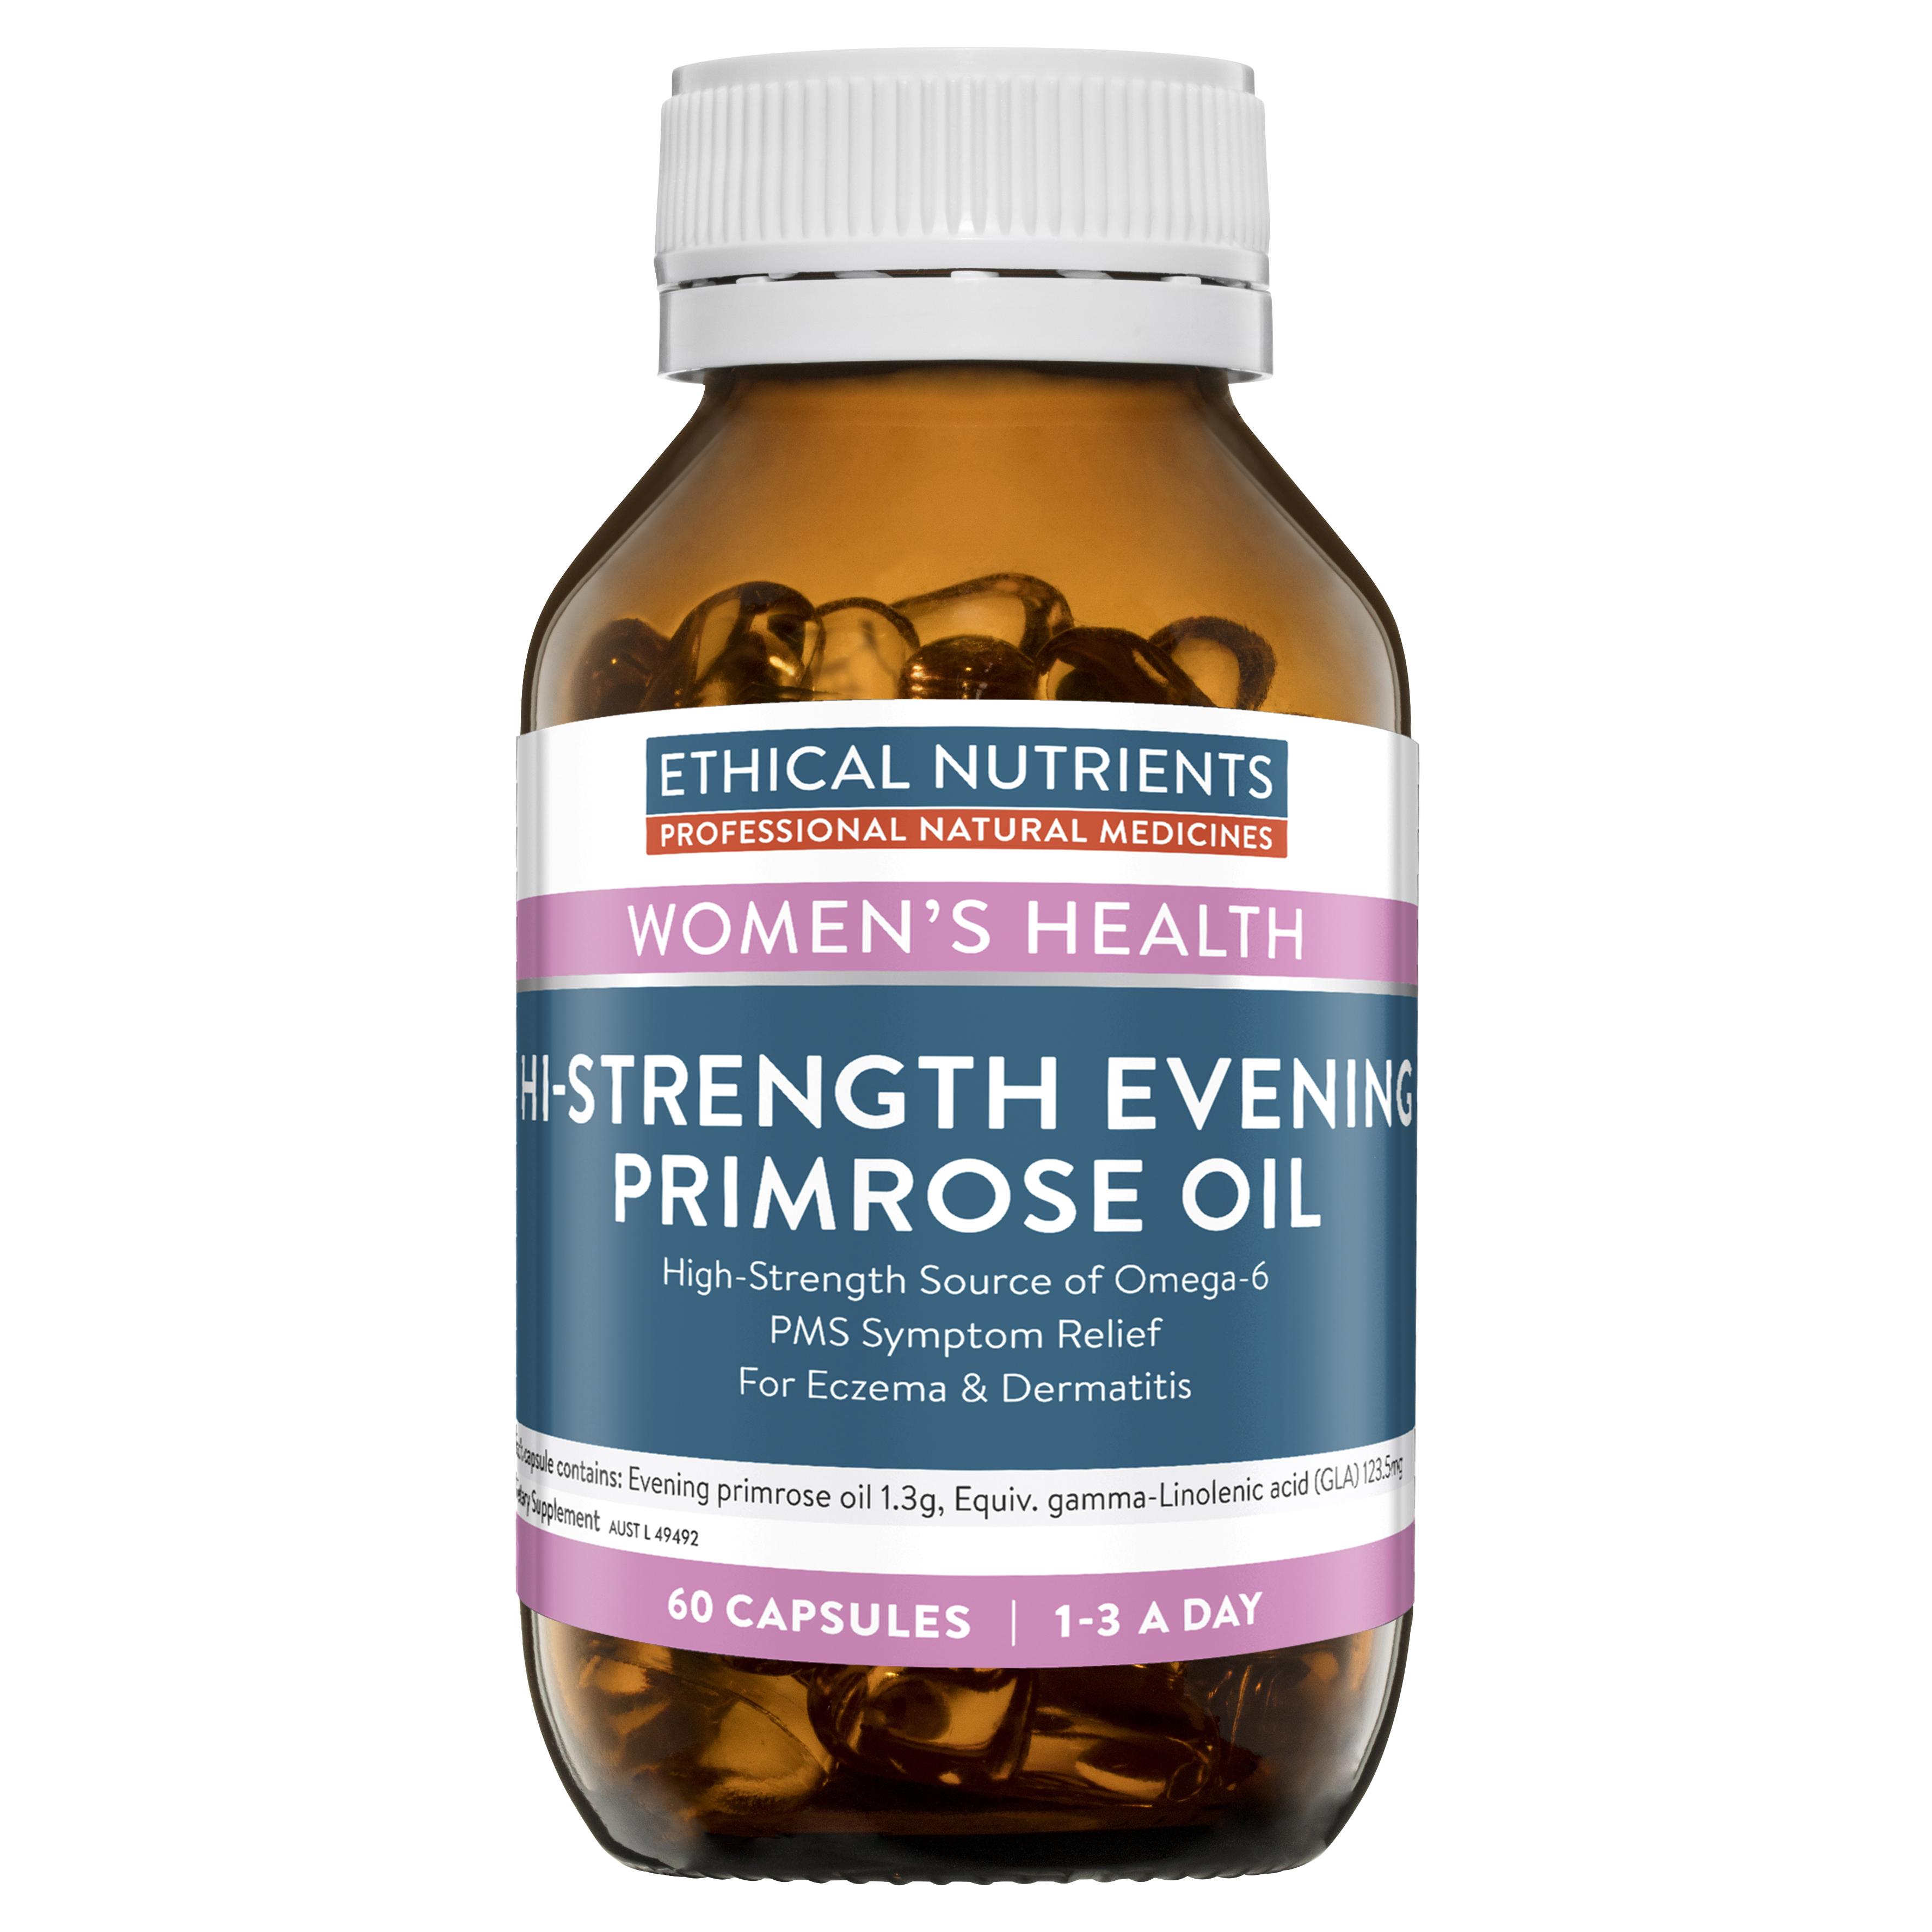 Hi-Strength Evening Primrose Oil 60 Capsules